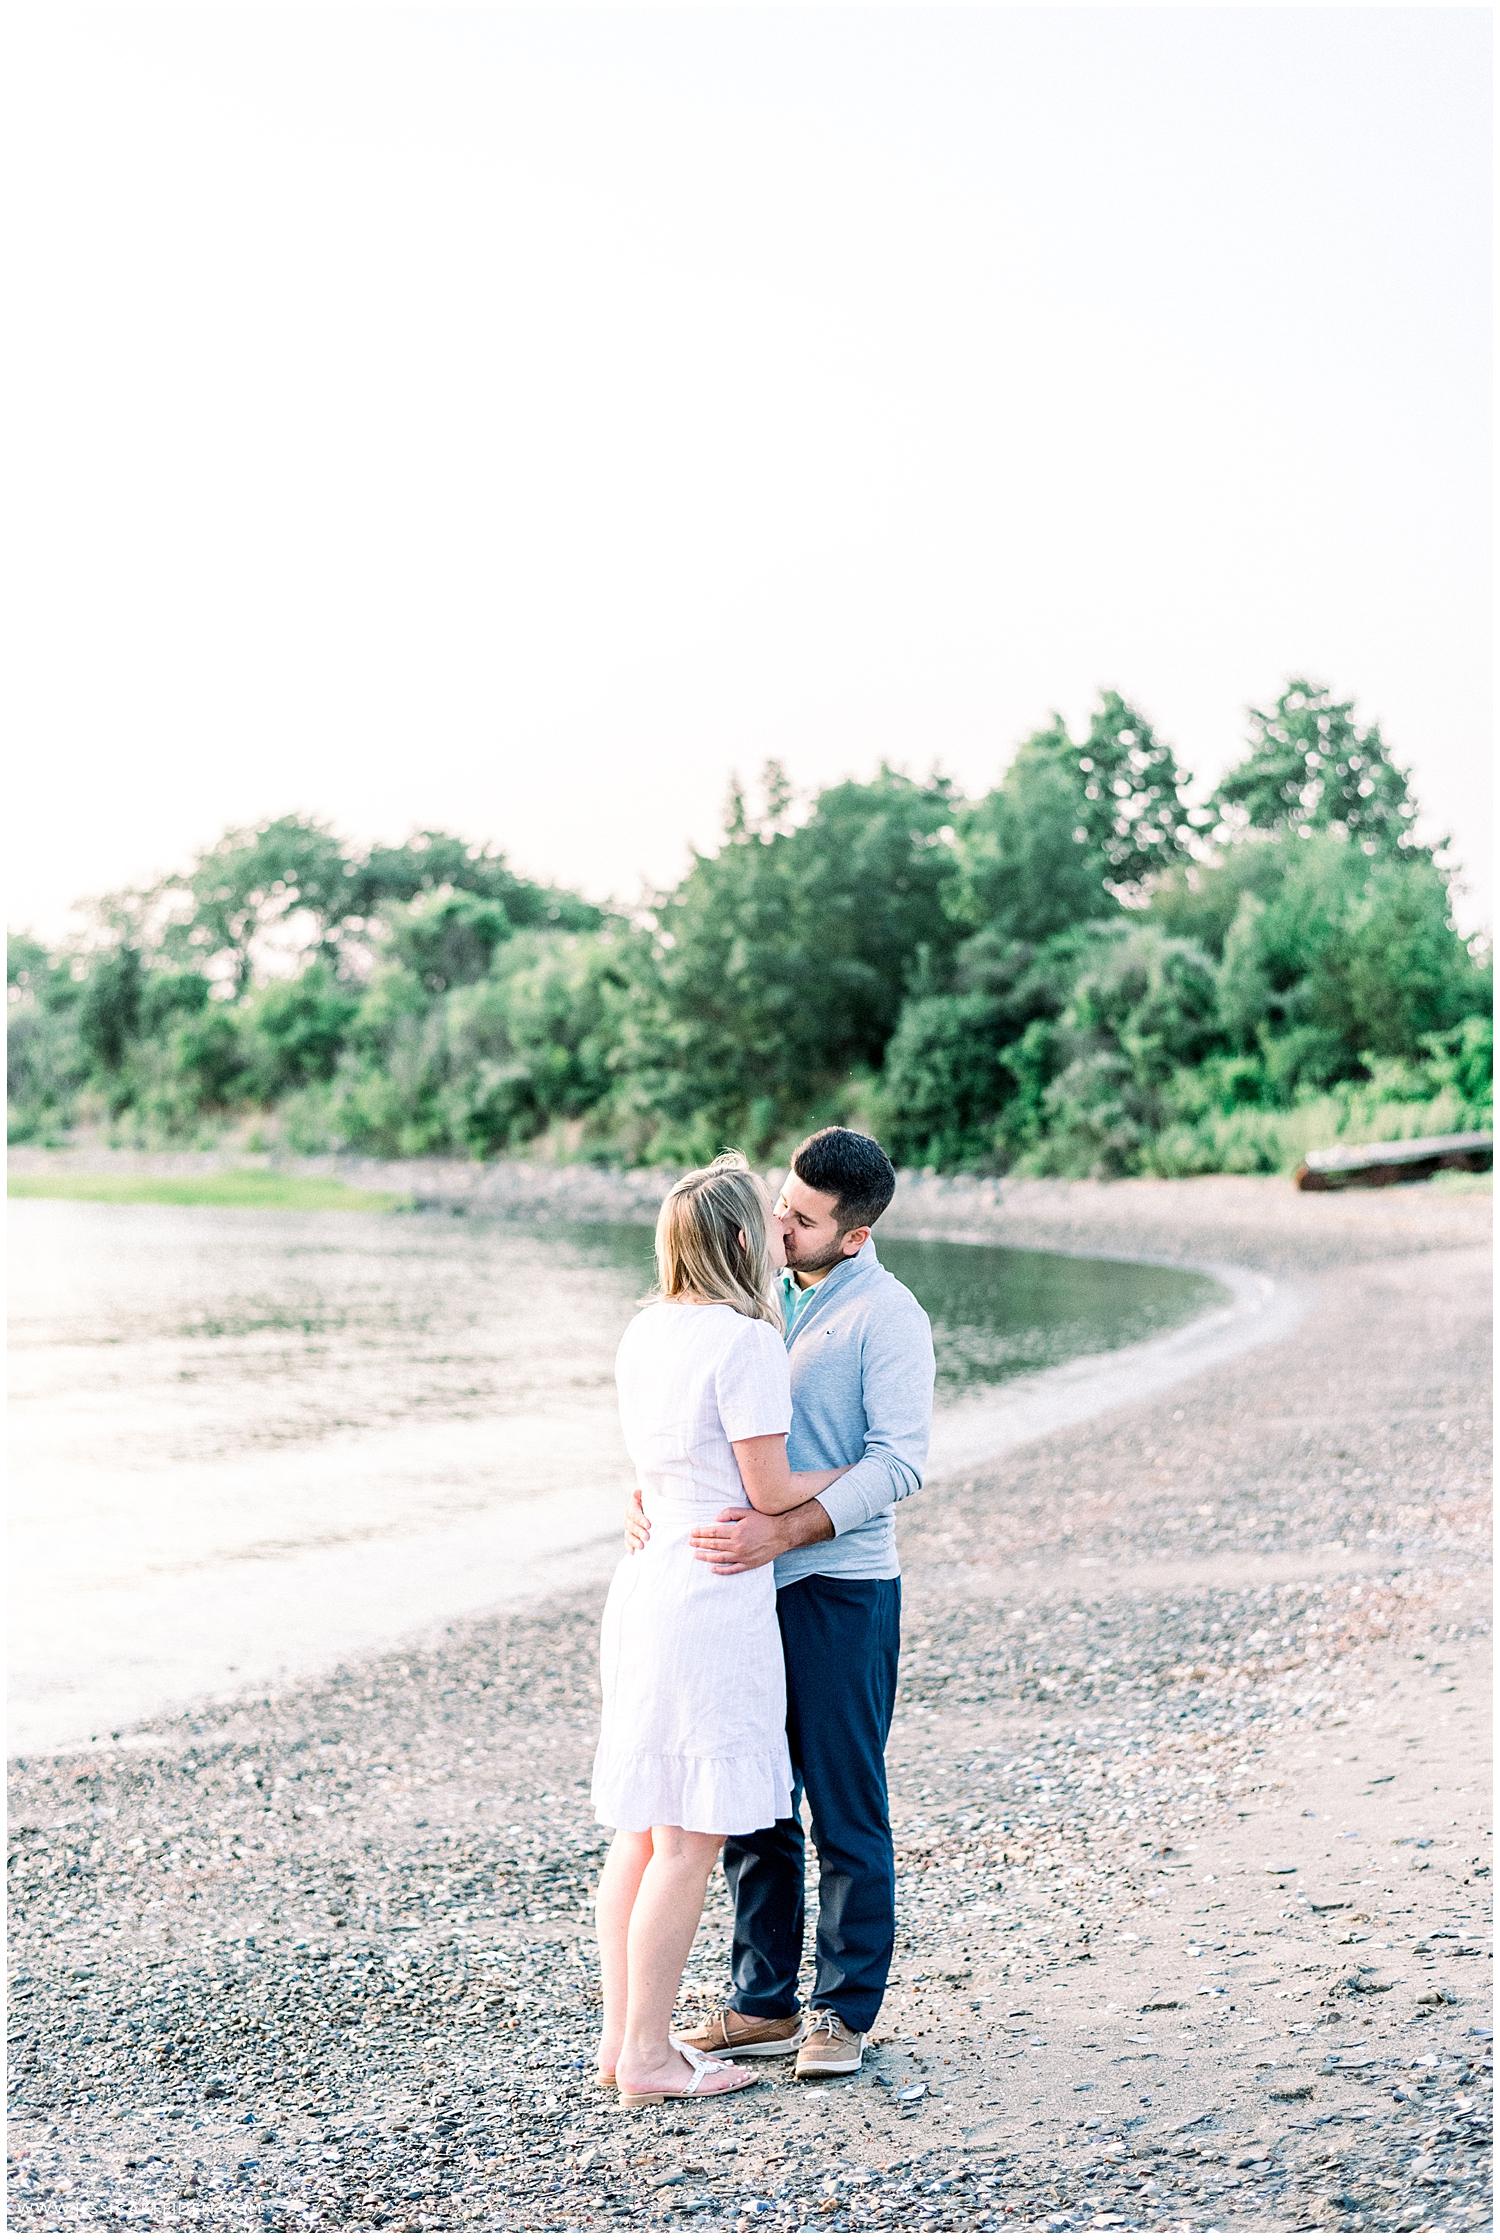 Jessica K Feiden Photography_Webb Memorial State Park Boston Engagement Photographer_0002.jpg